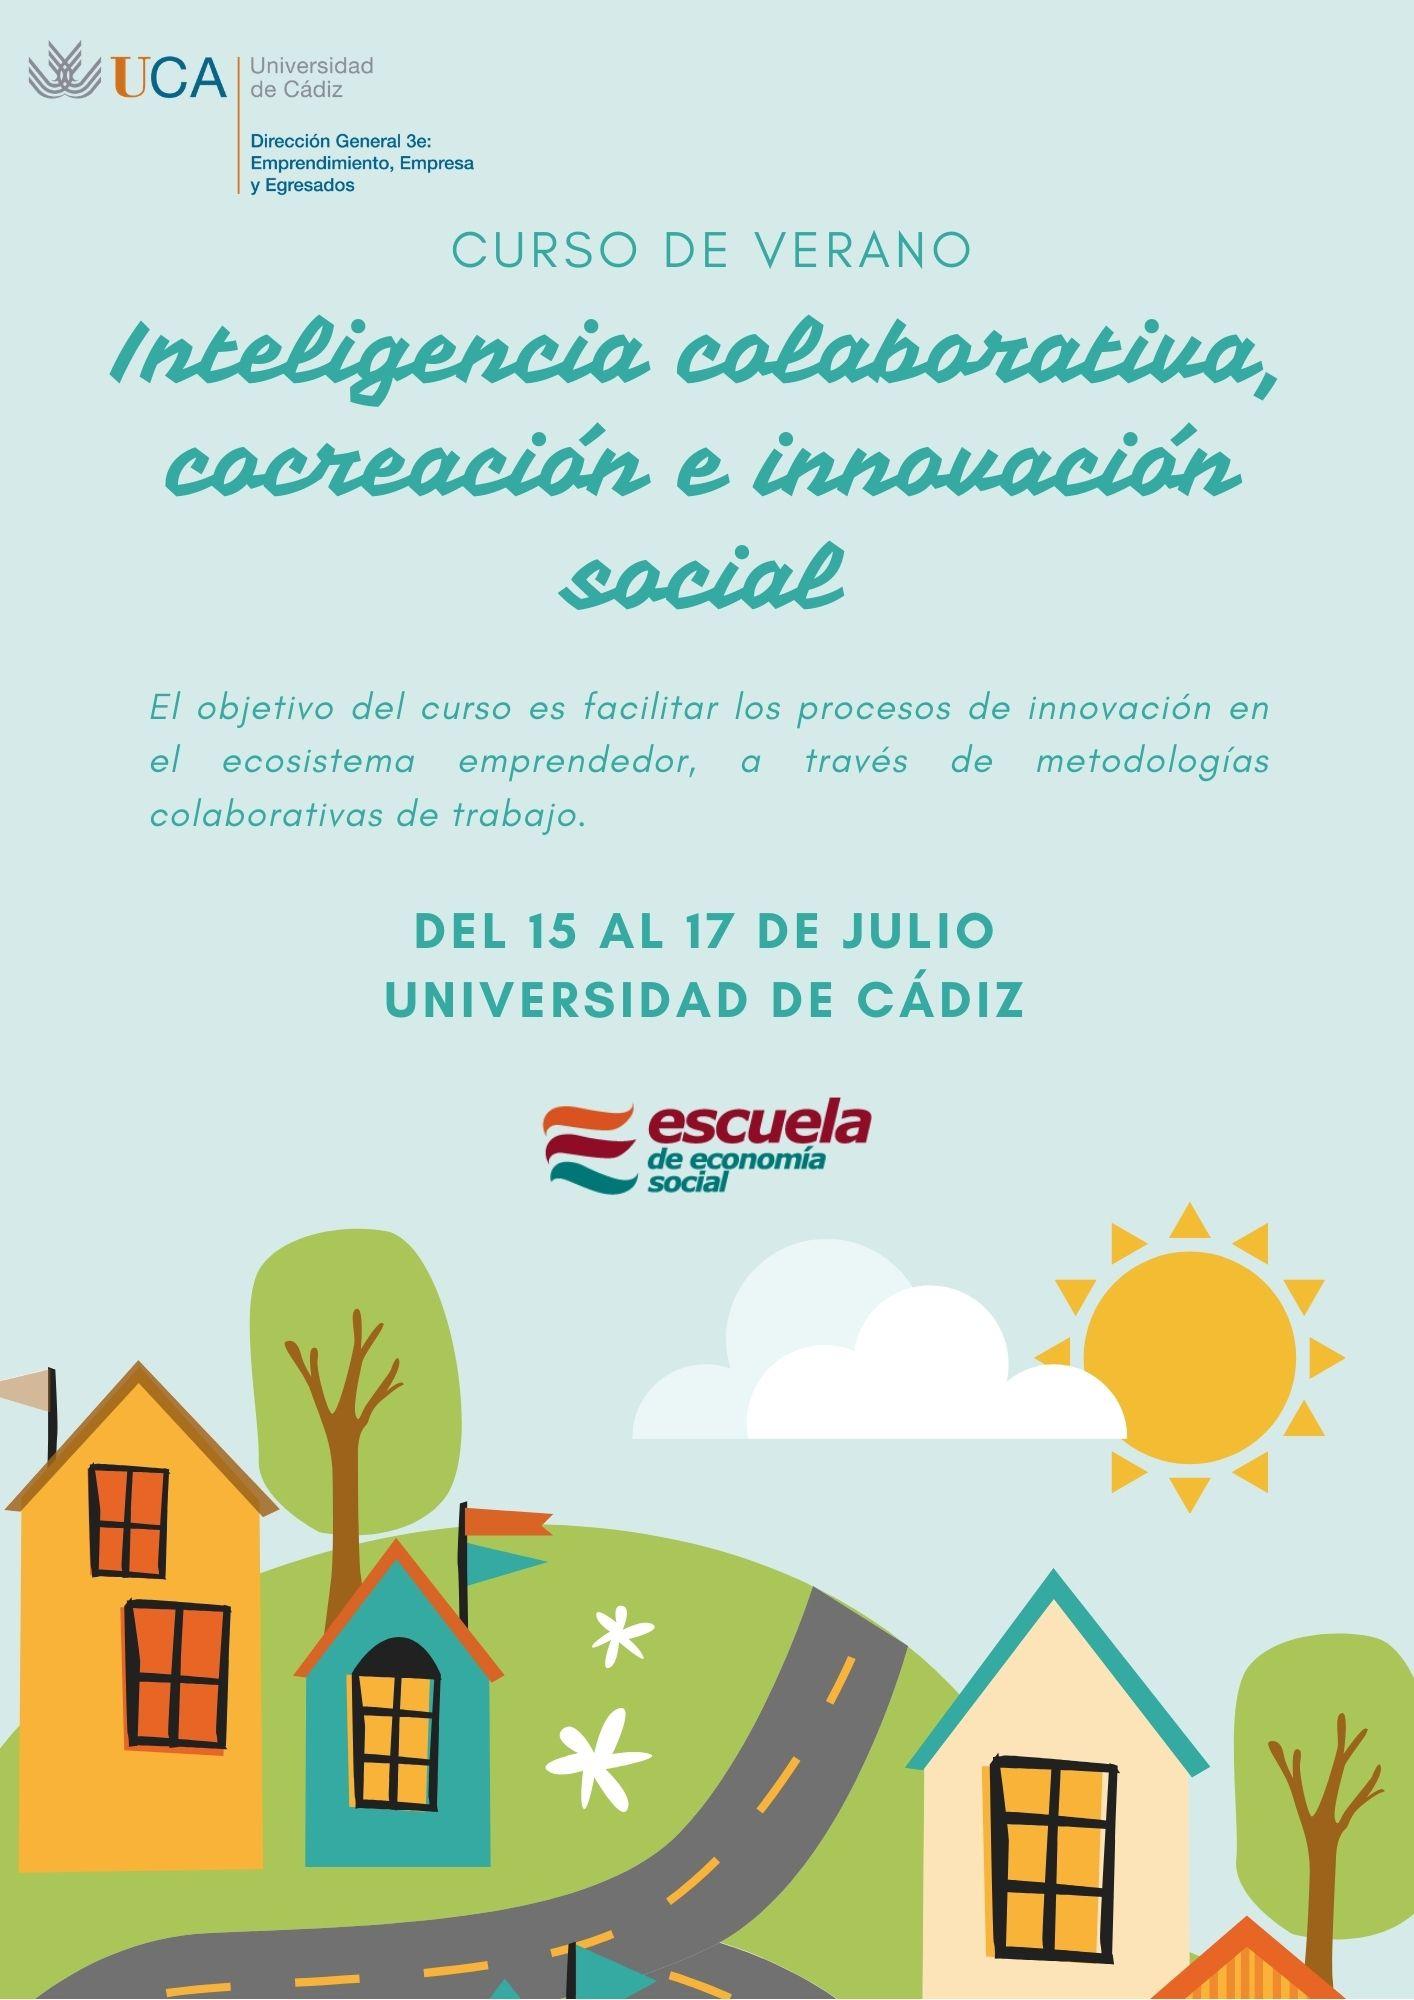 Curso de verano «INTELIGENCIA COLECTIVA, COCREACIÓN, EMPRENDIMIENTO E INNOVACIÓN SOCIAL»